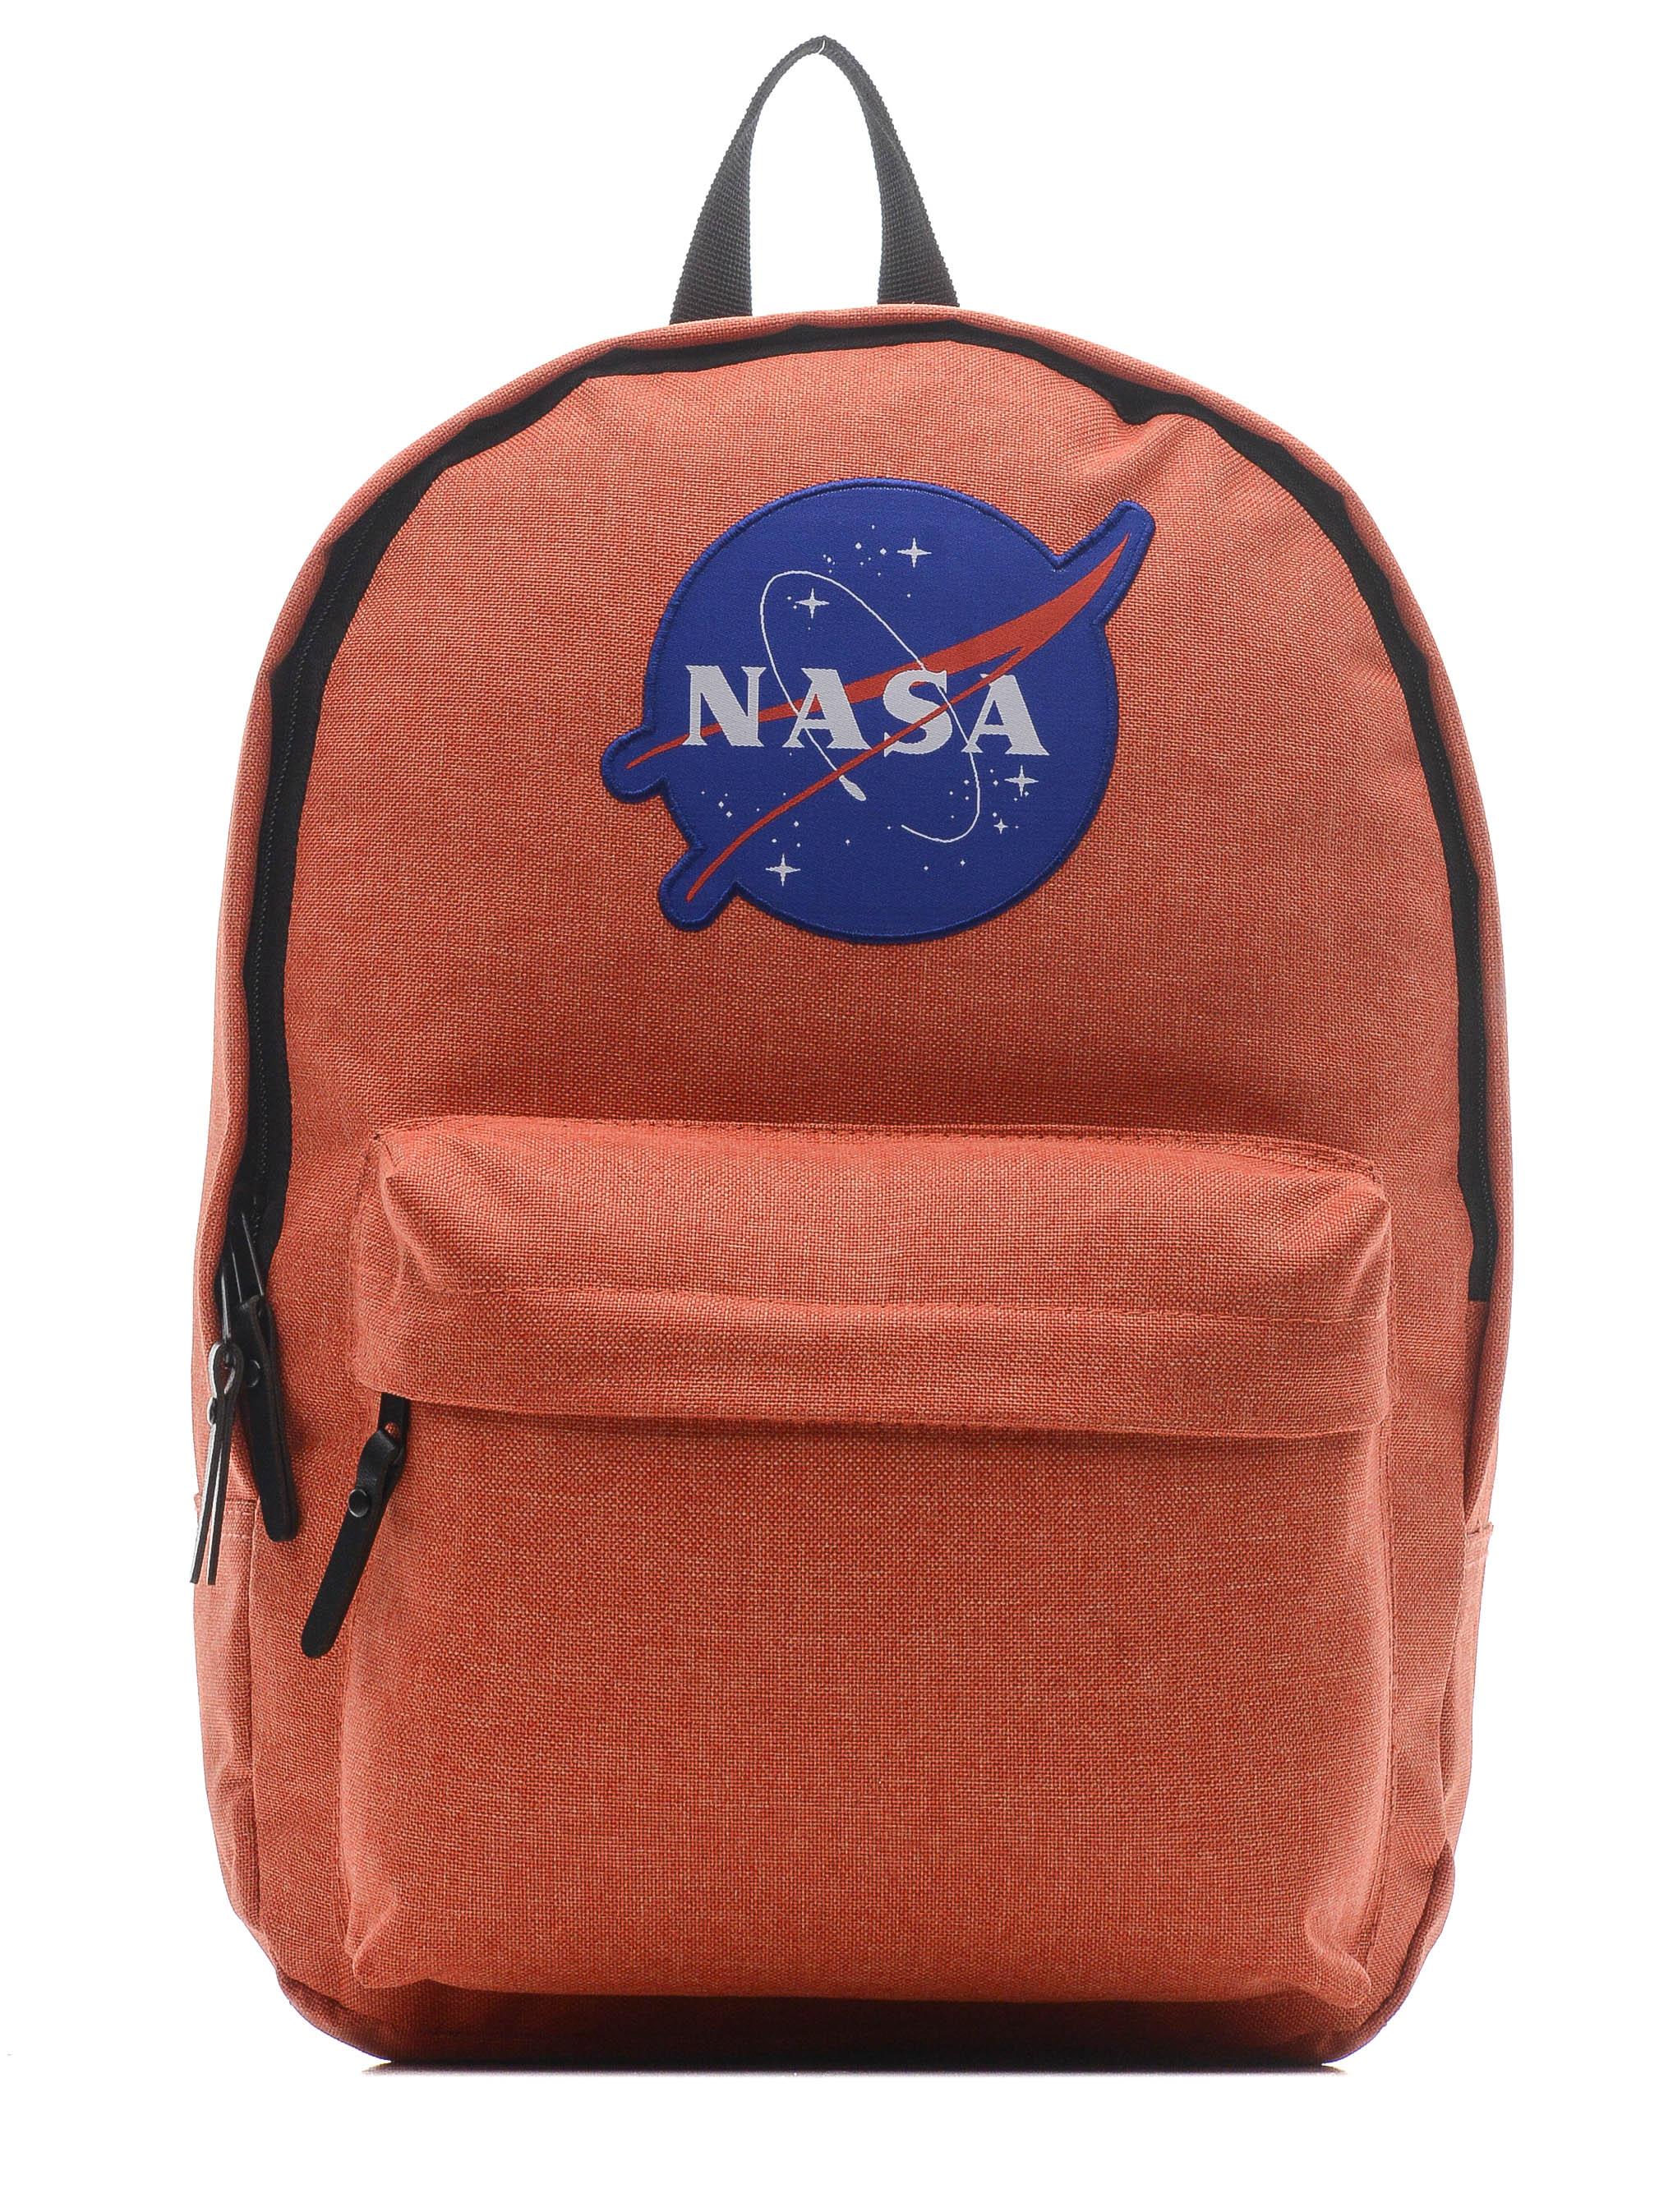 Купить Рюкзак детский NASA 086109002-ORANGE-17 38х28х13 см., цвет: оранжевый,